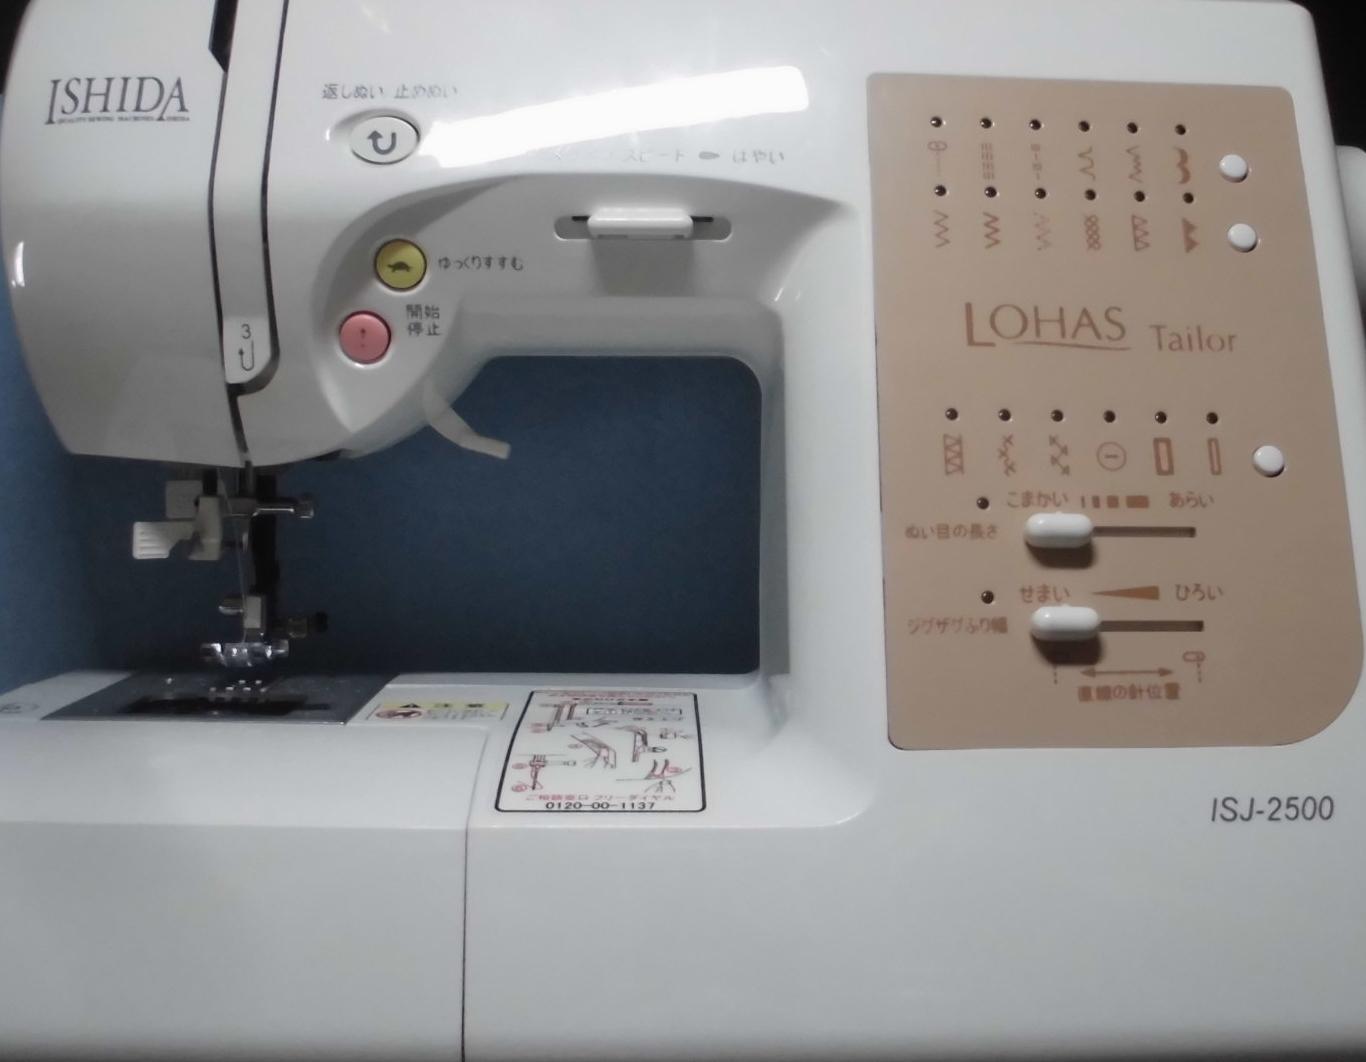 石田ミシン修理|ISJ-2500|縫えない、糸が絡まる、異音